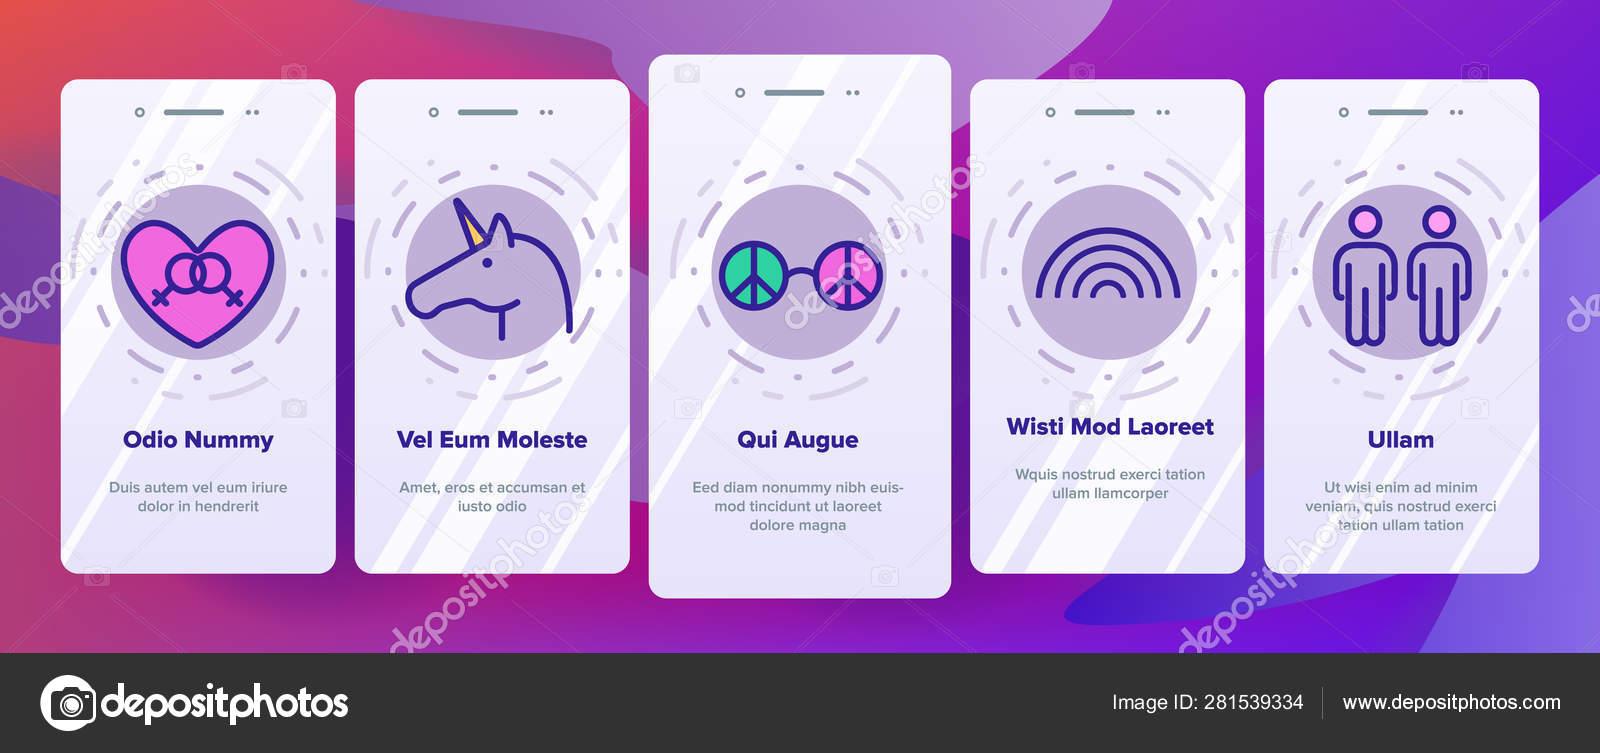 gay datování aplikace pro iphone